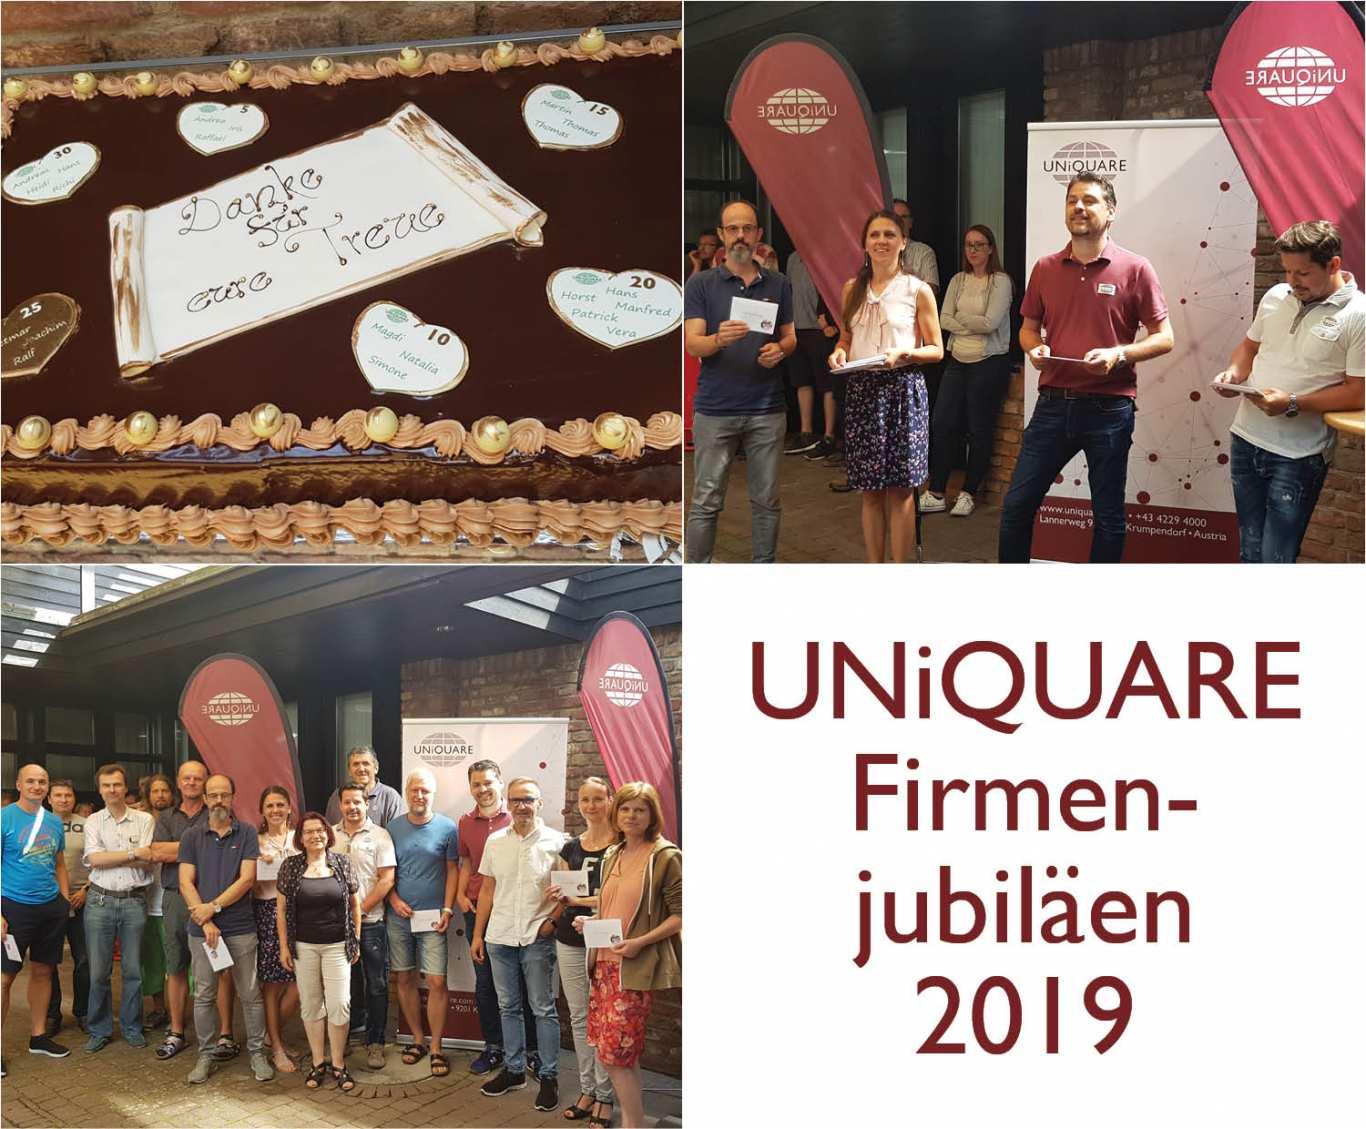 UNiQUARE gratuliert heuer 21 Mitarbeiter zu ihrem Firmenjubiläum